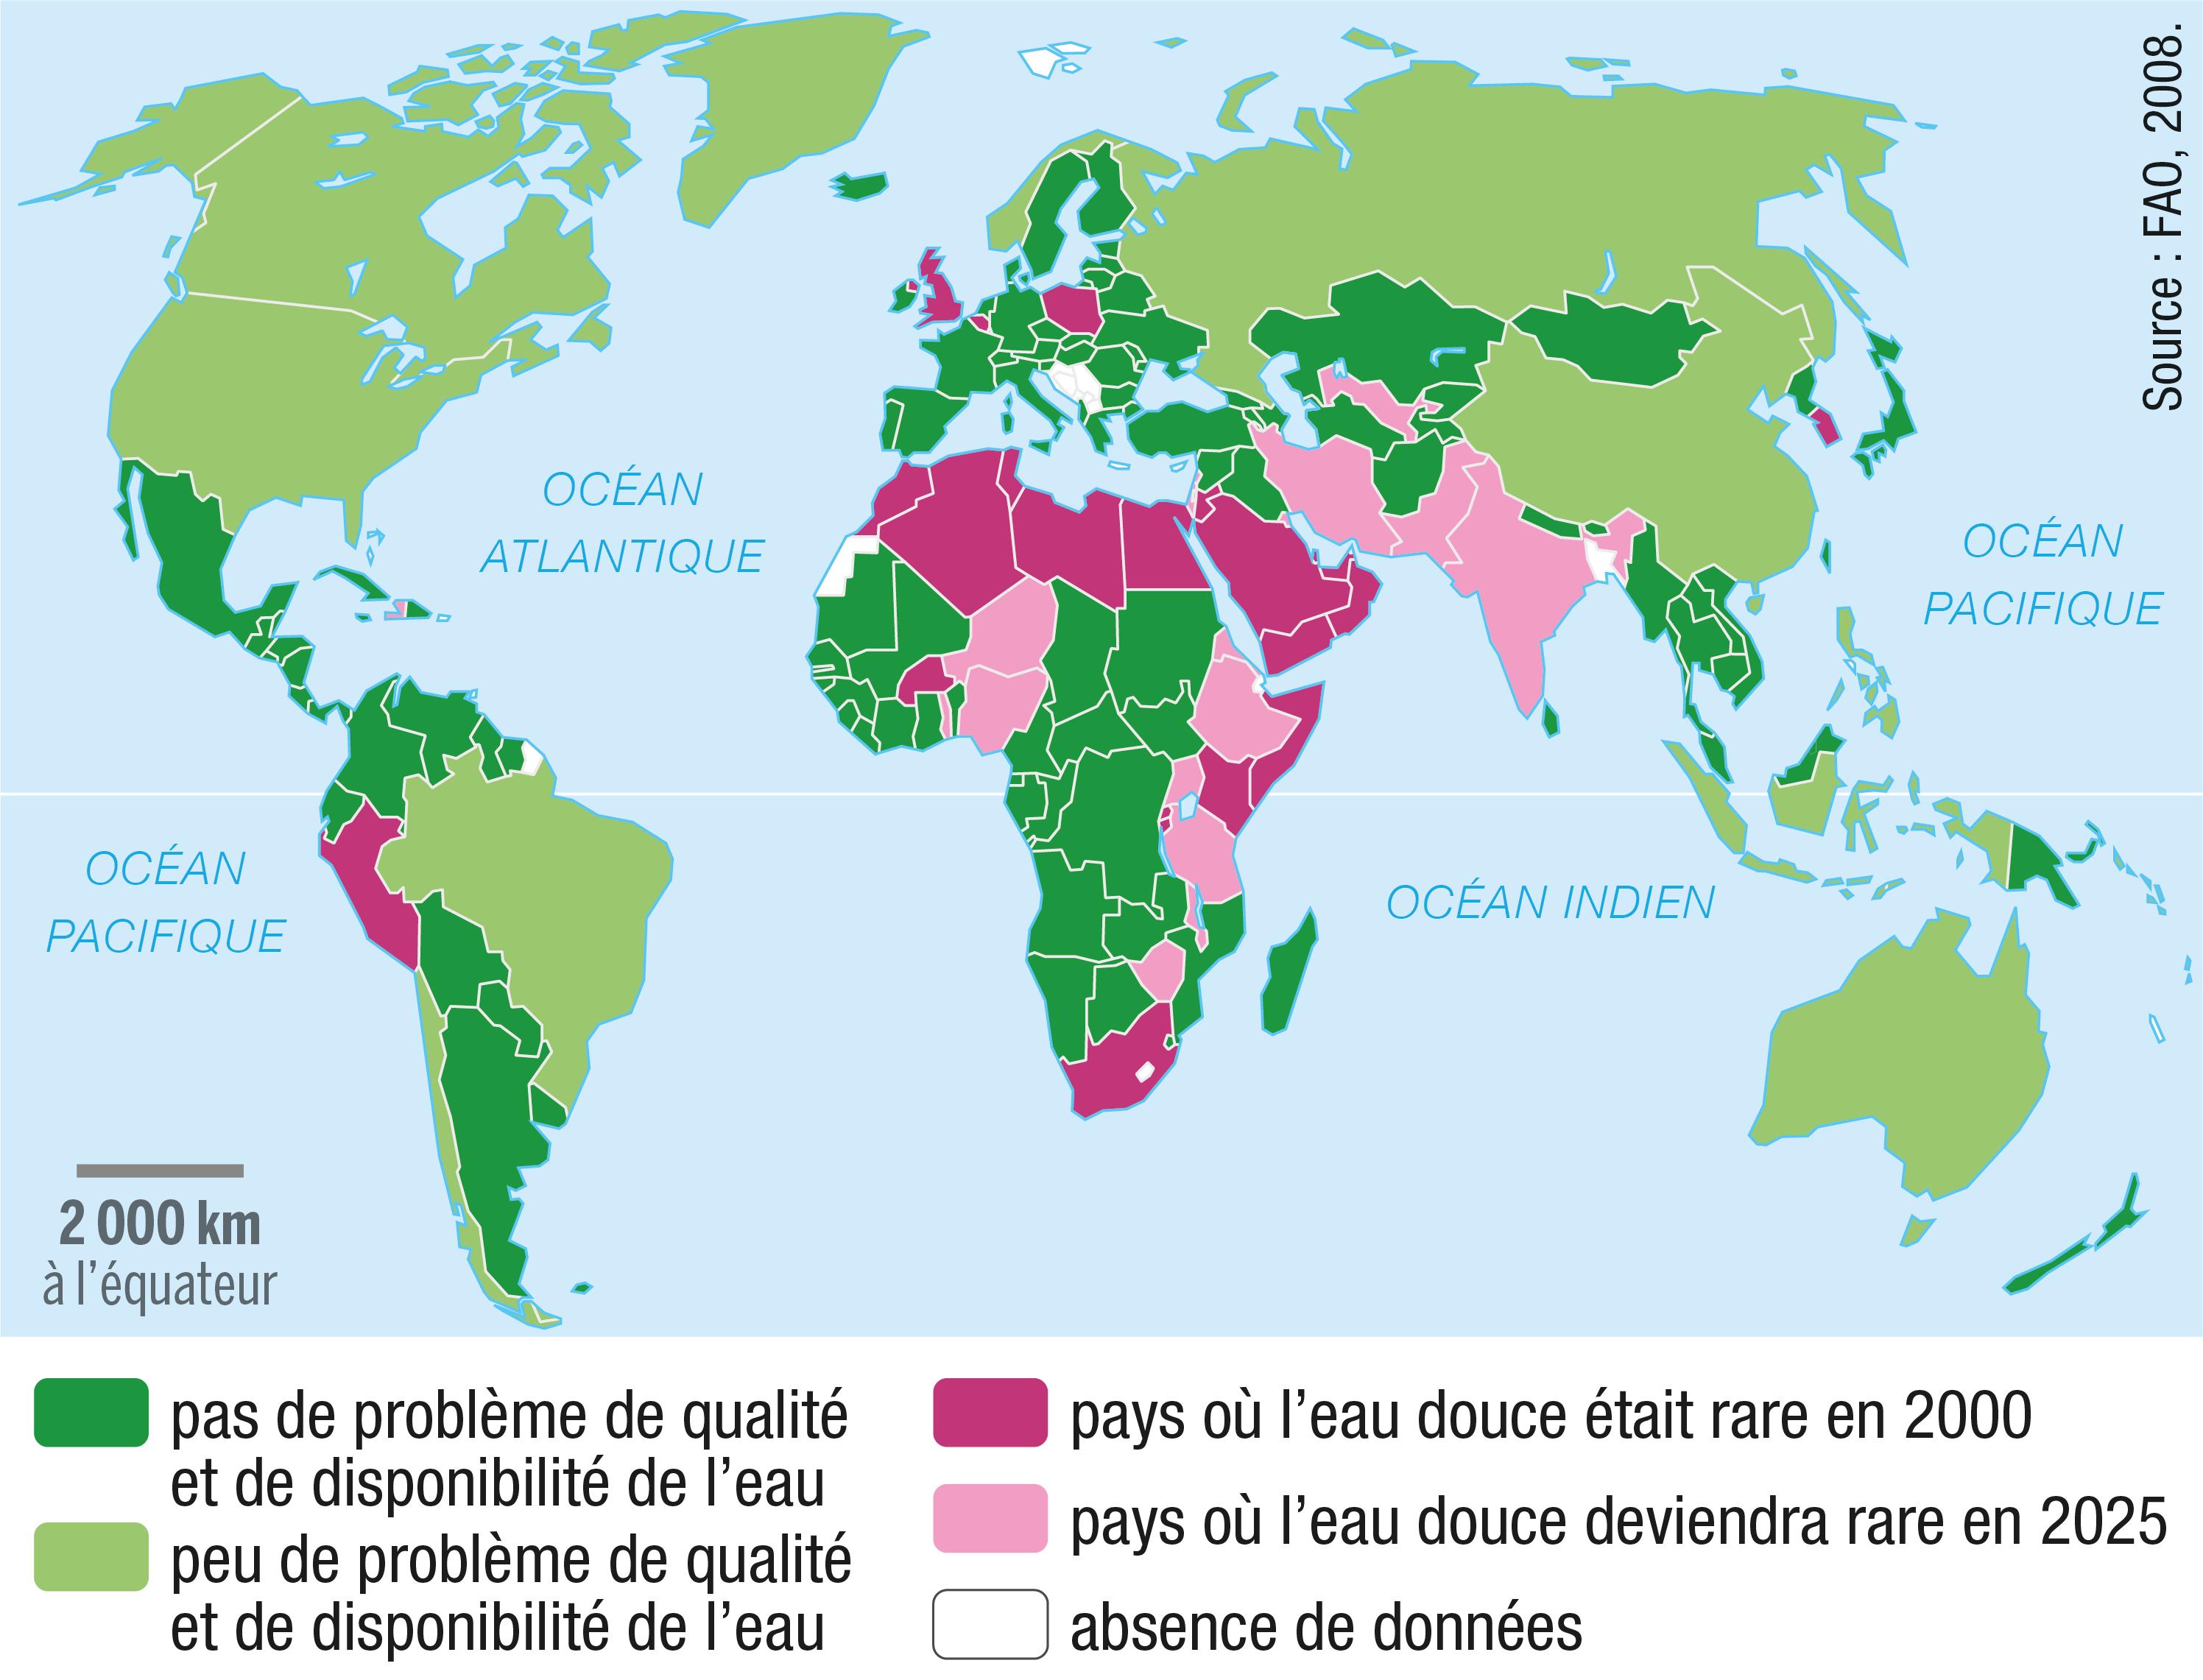 <stamp theme='svt-green1'>Doc. 2</stamp> La disponibilité en eau douce en 2000 et les prévisions pour 2025.